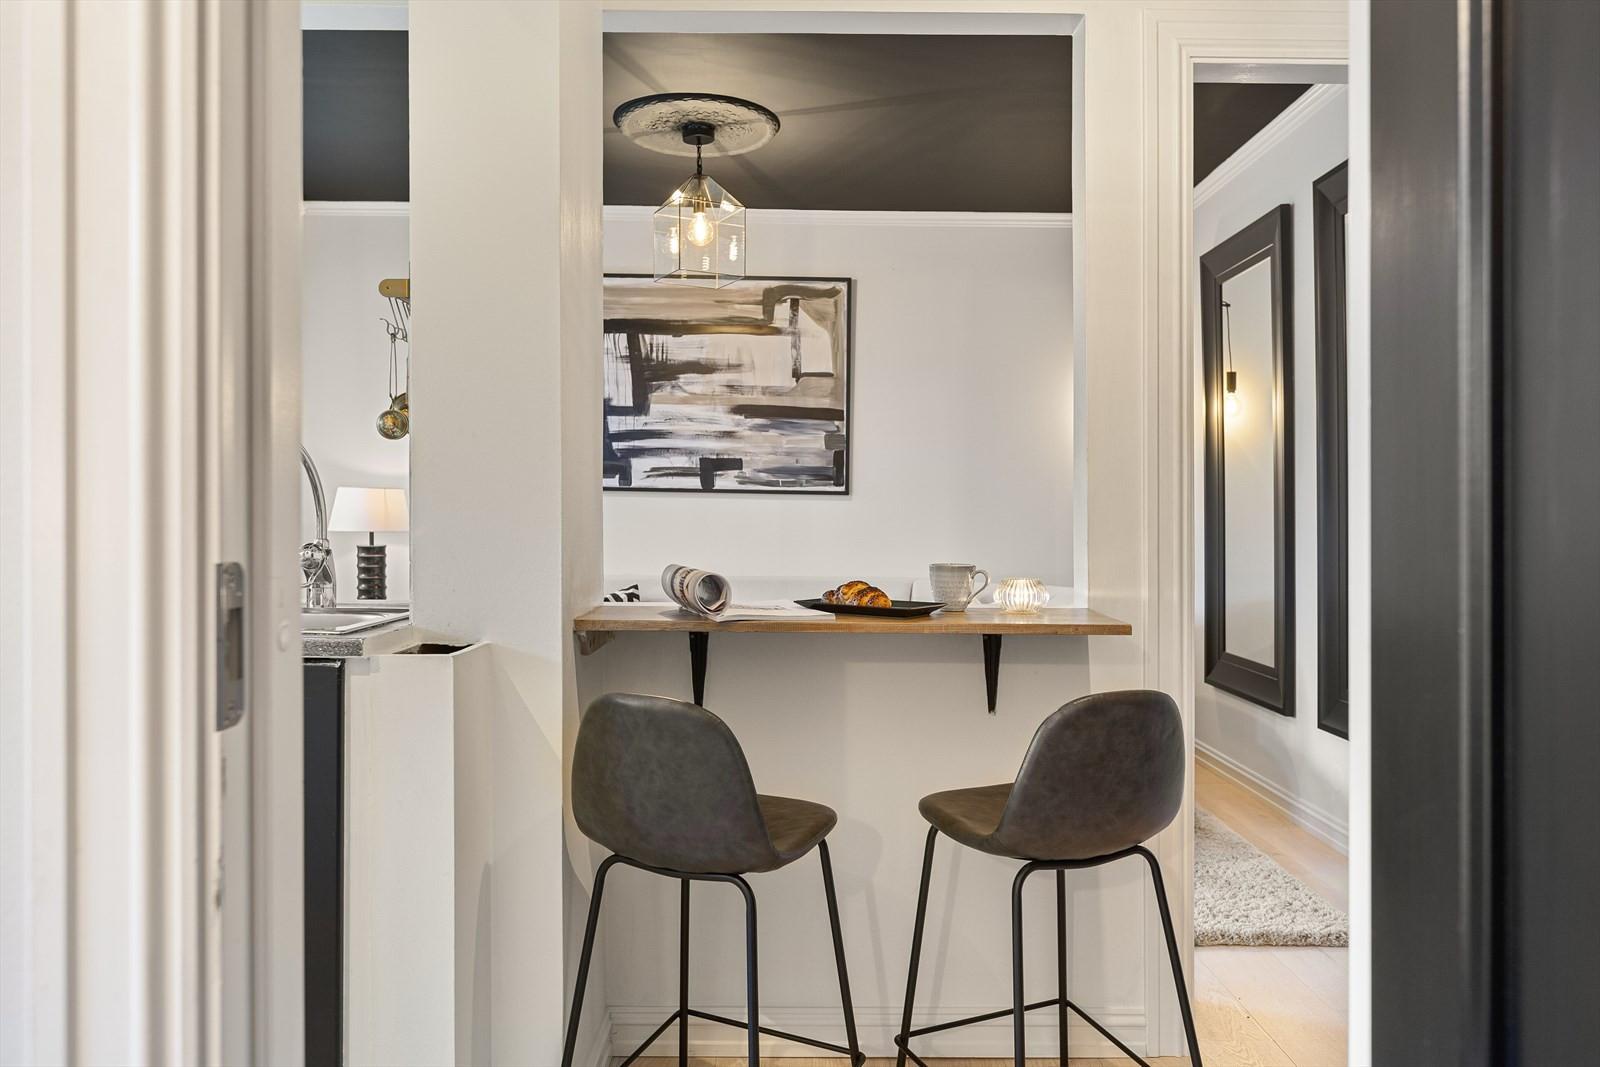 Delvis åpning i vegg skaper en naturlig avdelt sone mellom stue og kjøkken.